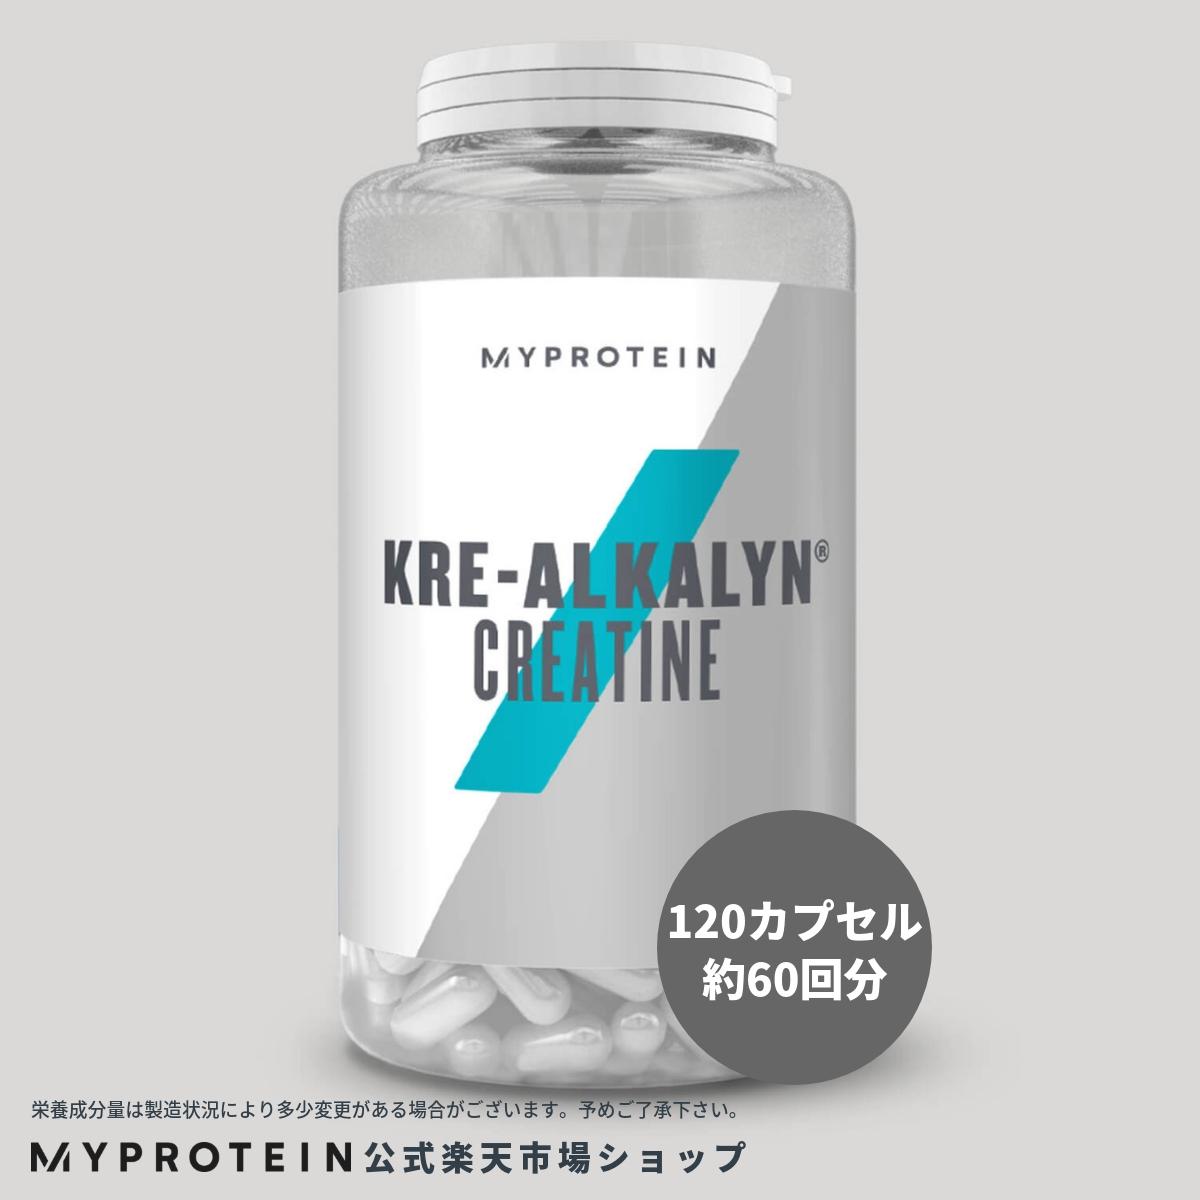 マイプロテイン 公式 【MyProtein】 クレ アルカリンR クレアチン 120カプセル| サプリメント サプリ アミノ酸 あみの酸 クレアチン クエン酸 燃焼系 スポーツサプリ ダイエットサプリ パウダー